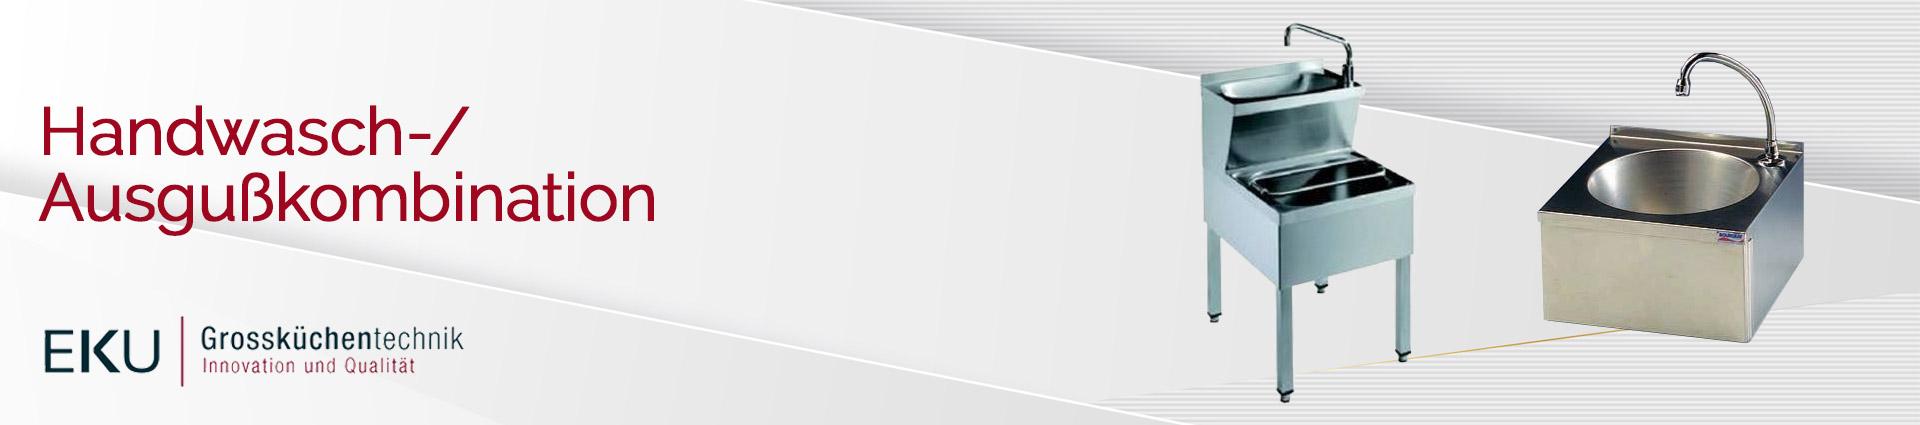 EKU Handwasch- und Aufgußkombination Banner